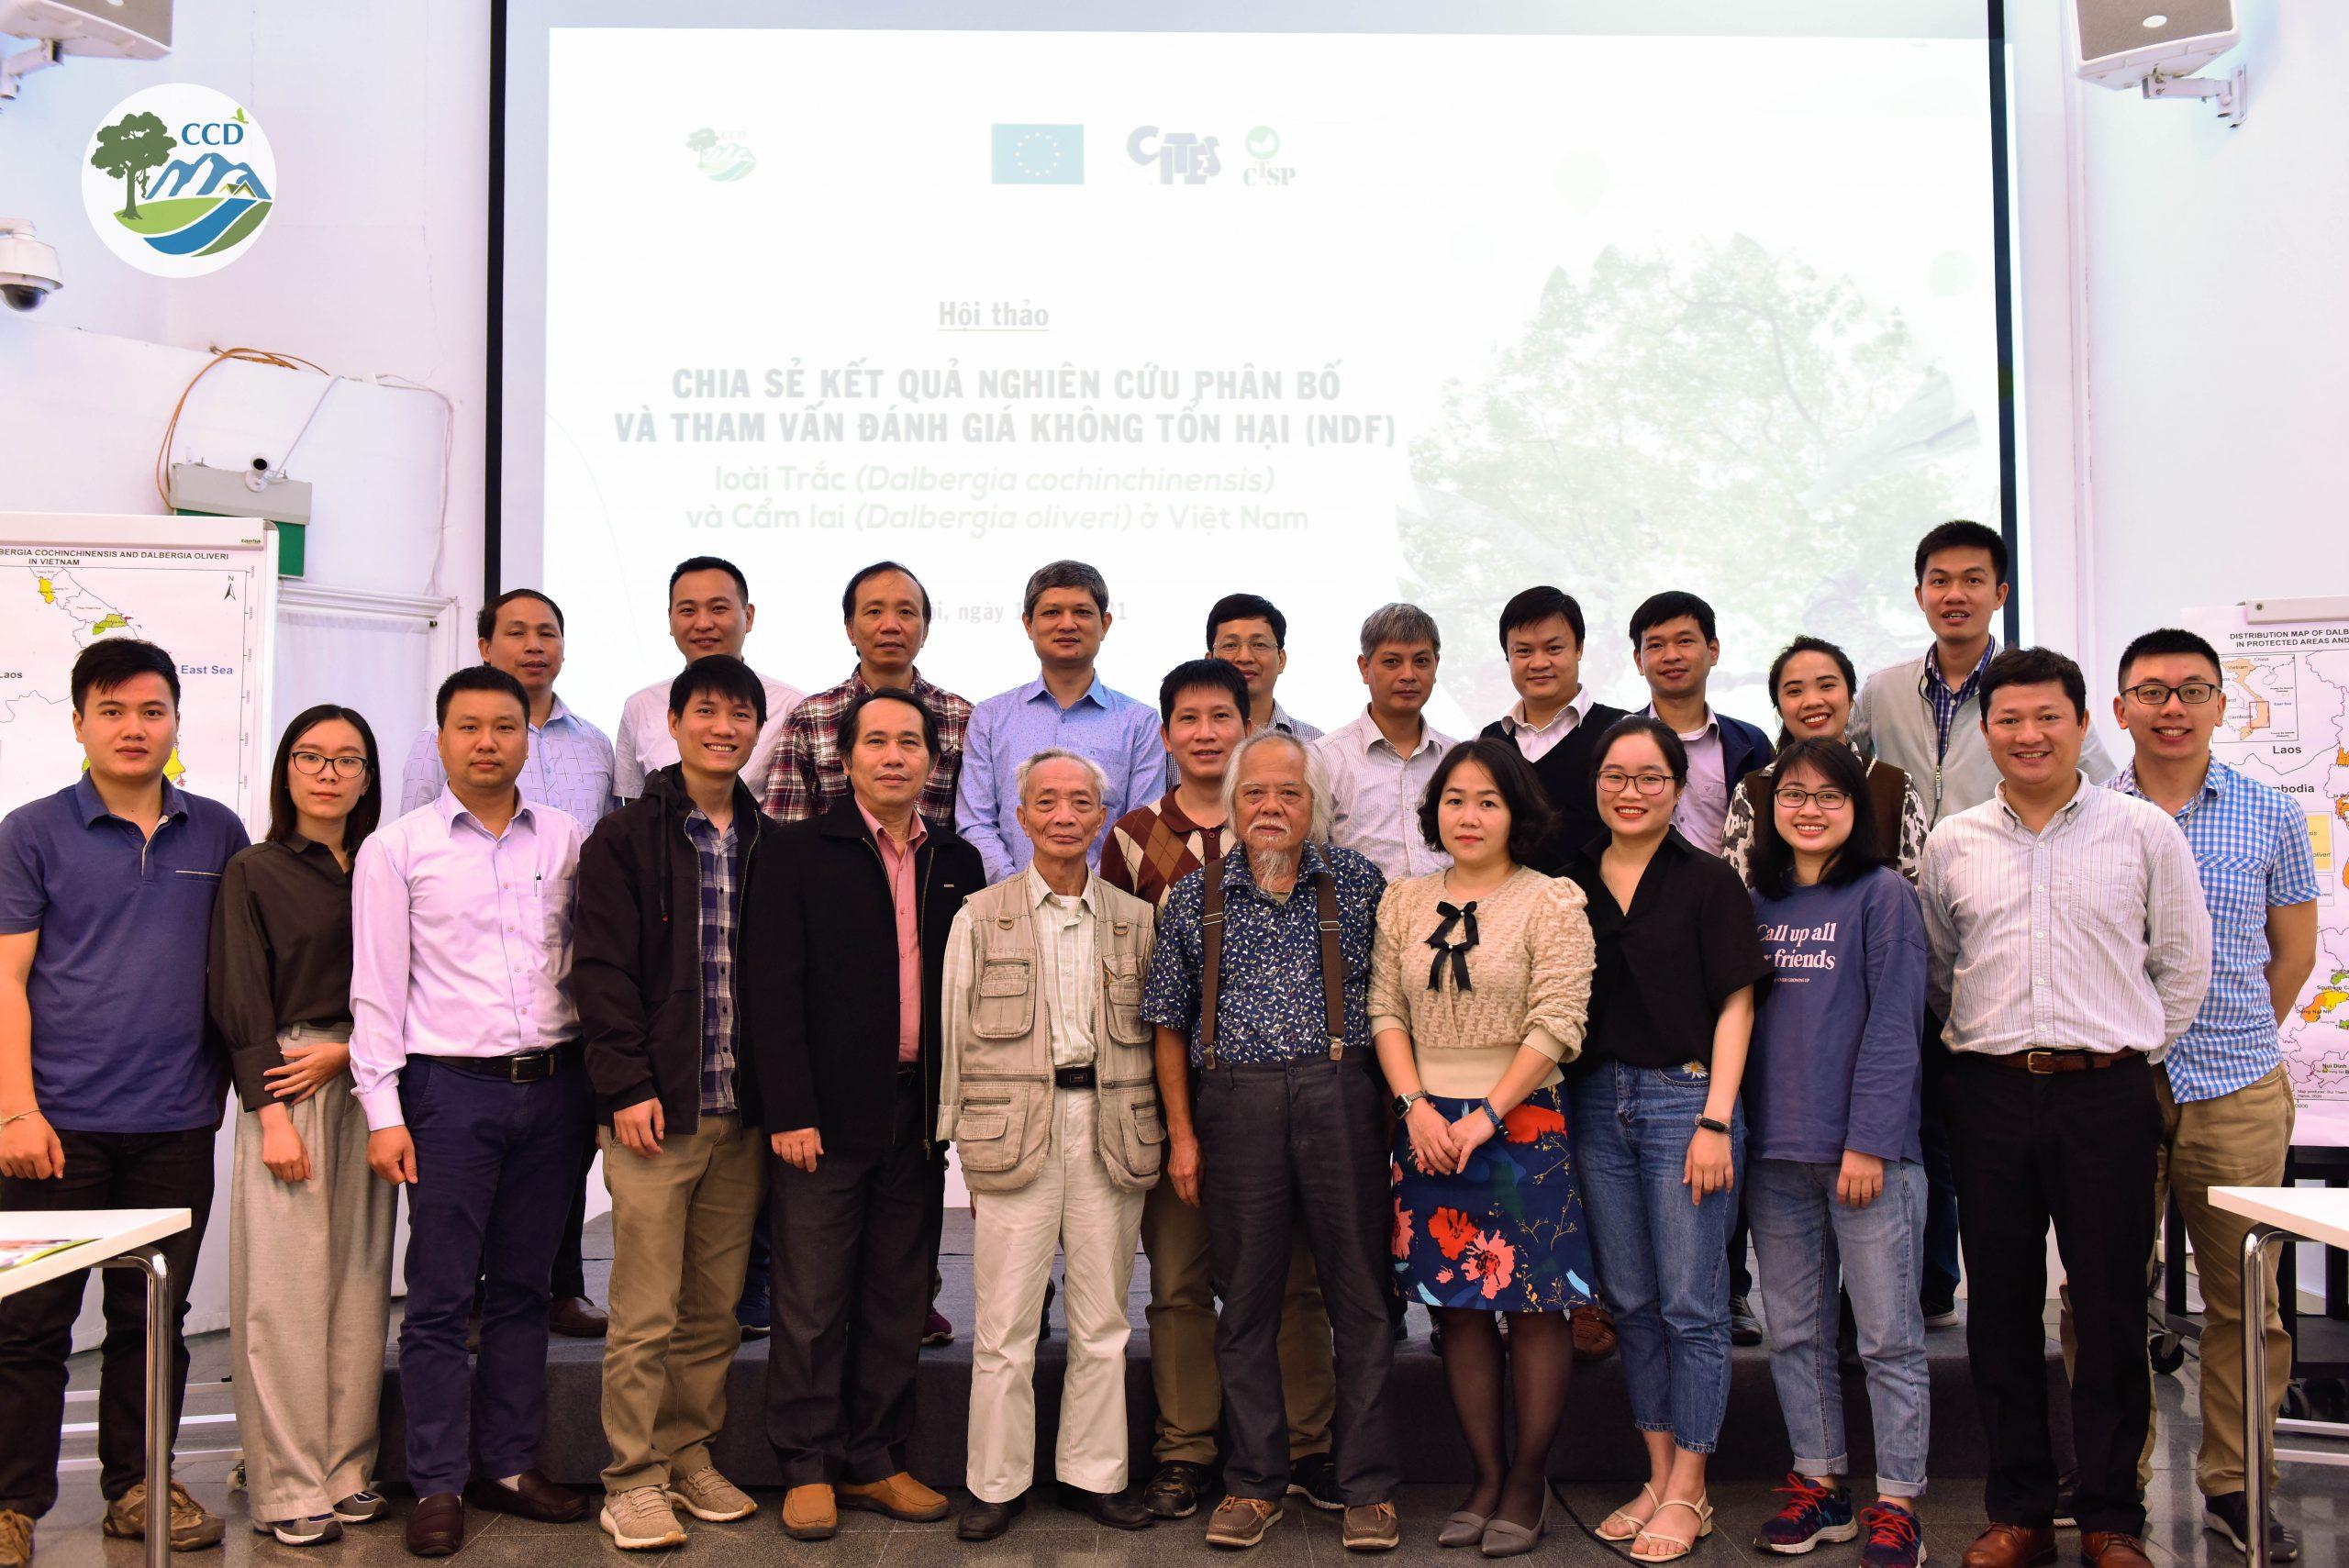 Hội thảo Chia sẻ kết quả nghiên cứu phân bố và tham vấn báo cáo đánh giá không tổn hại (NDF) cho hai loài Trắc (Dalbergia cochinchinensis) và Cẩm lai (D. oliveri) ở Việt Nam